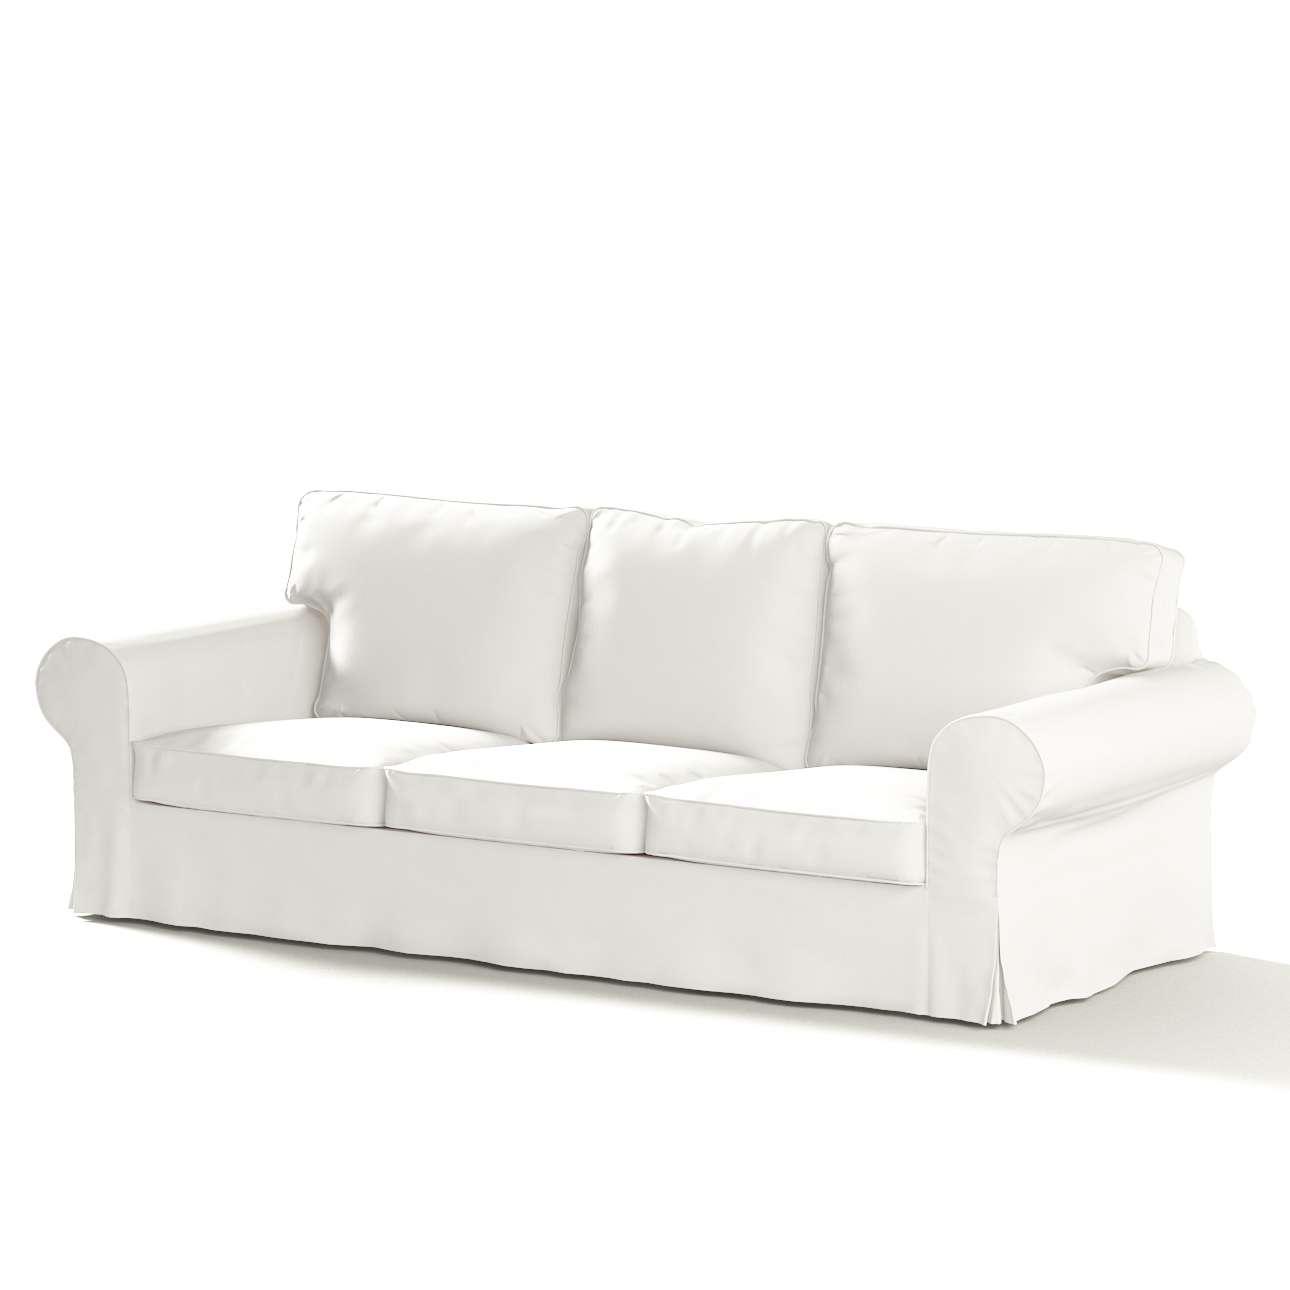 Pokrowiec na sofę Ektorp 3-osobową, rozkładaną w kolekcji Cotton Panama, tkanina: 702-34